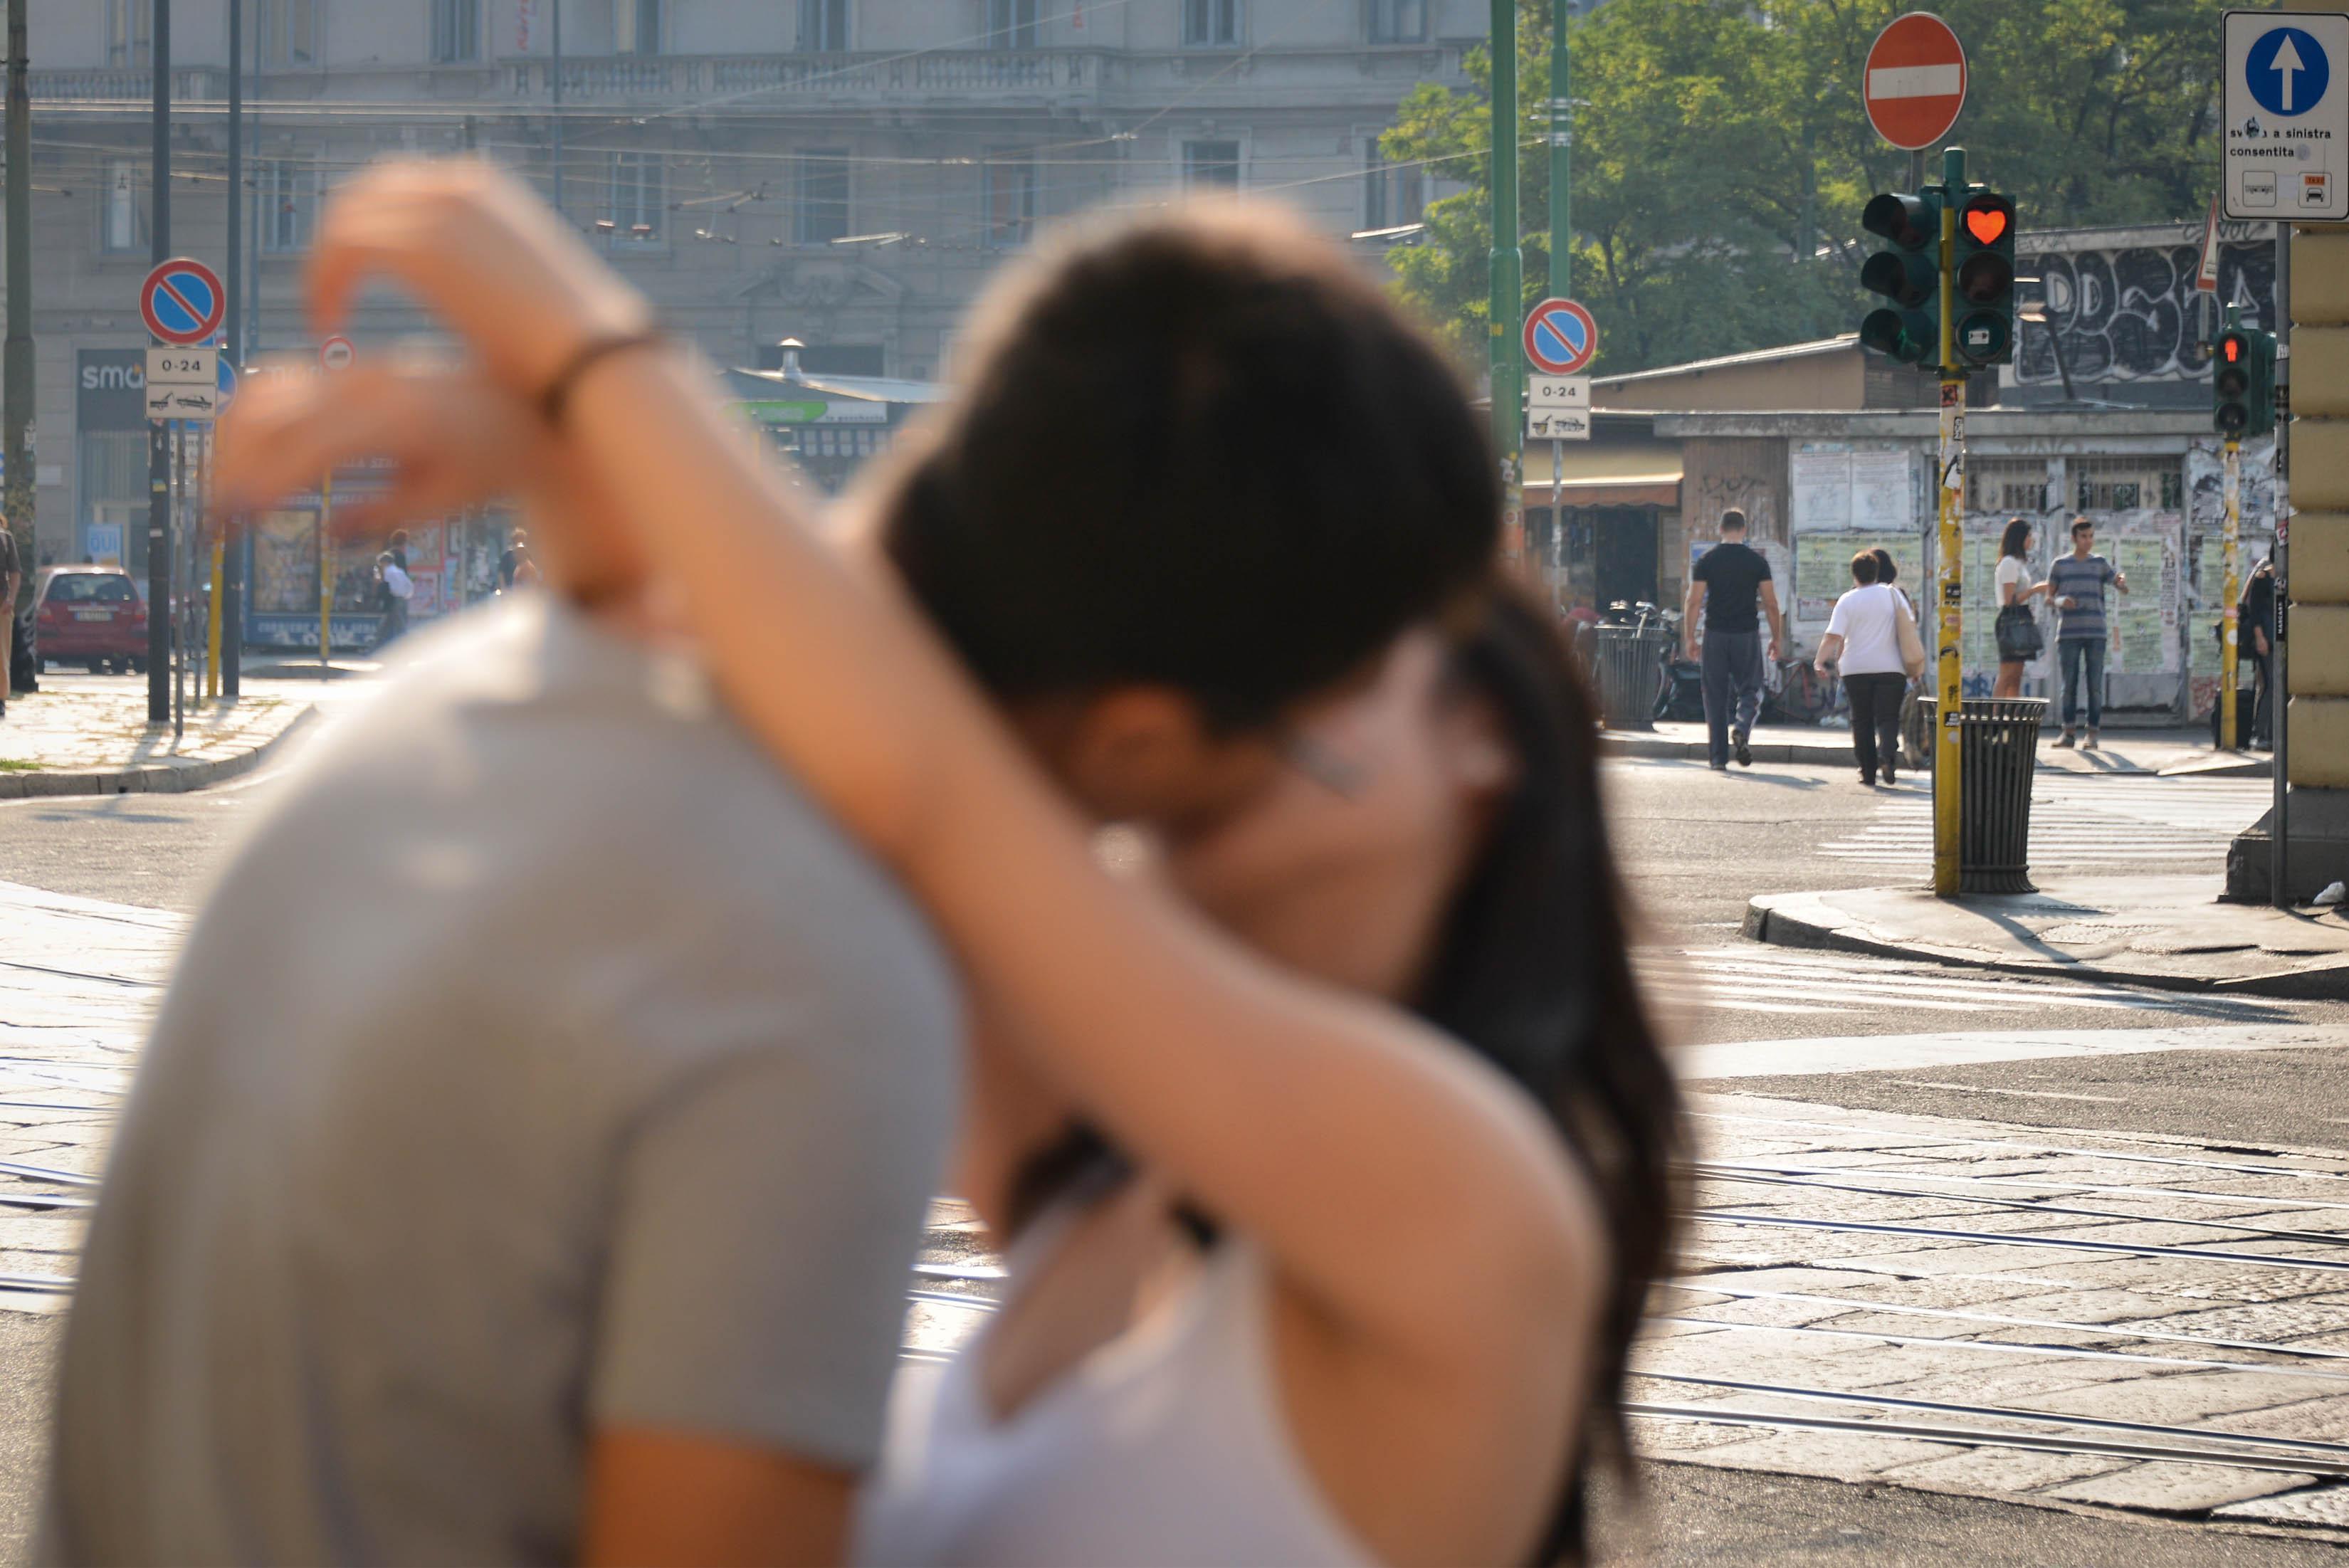 due giovani si baciano appassionatamente